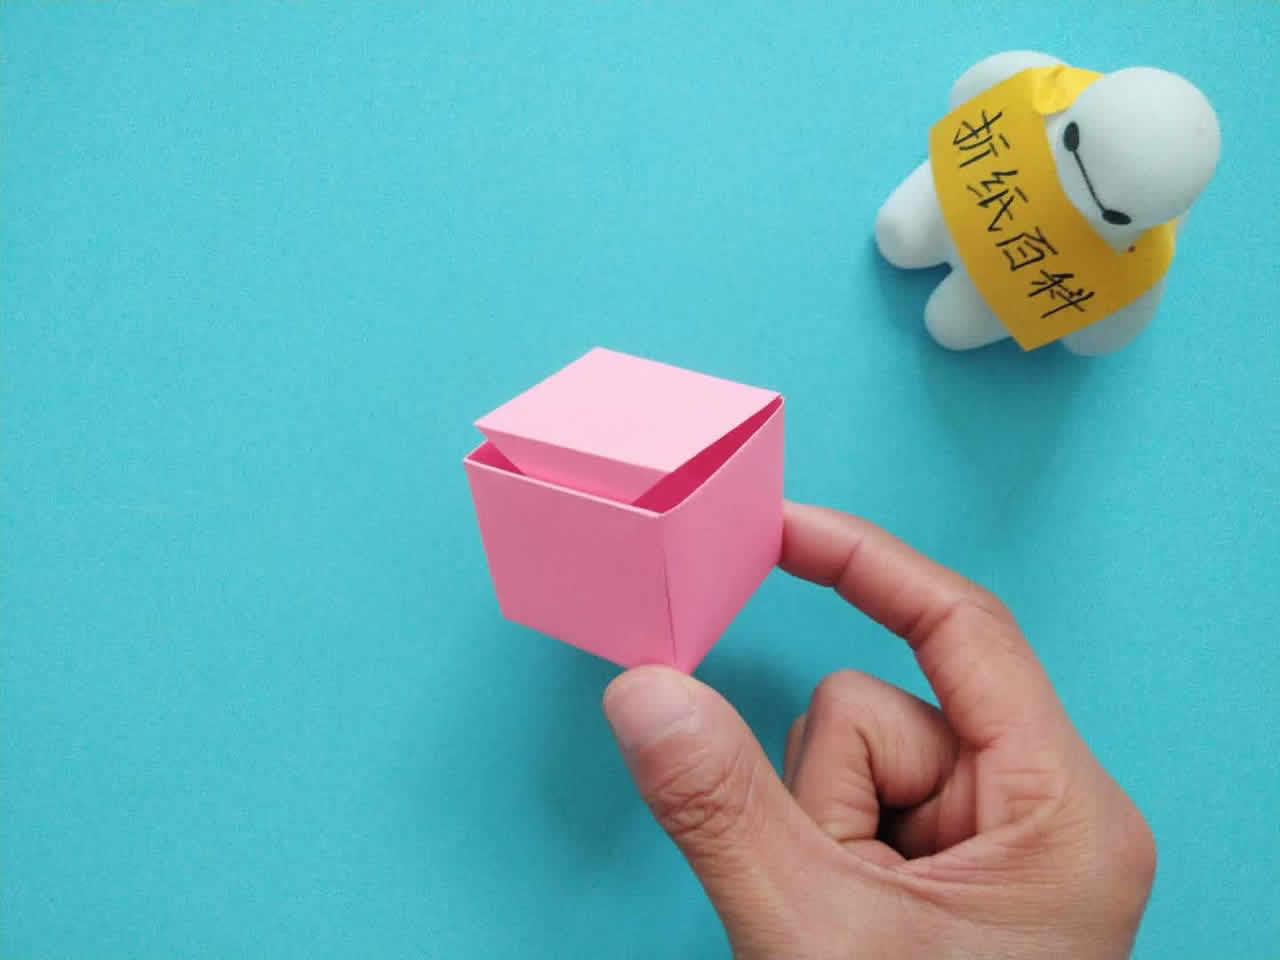 教你折纸方形带盖礼品收纳盒,简单又漂亮,手工折纸图解教程 家务 第8张